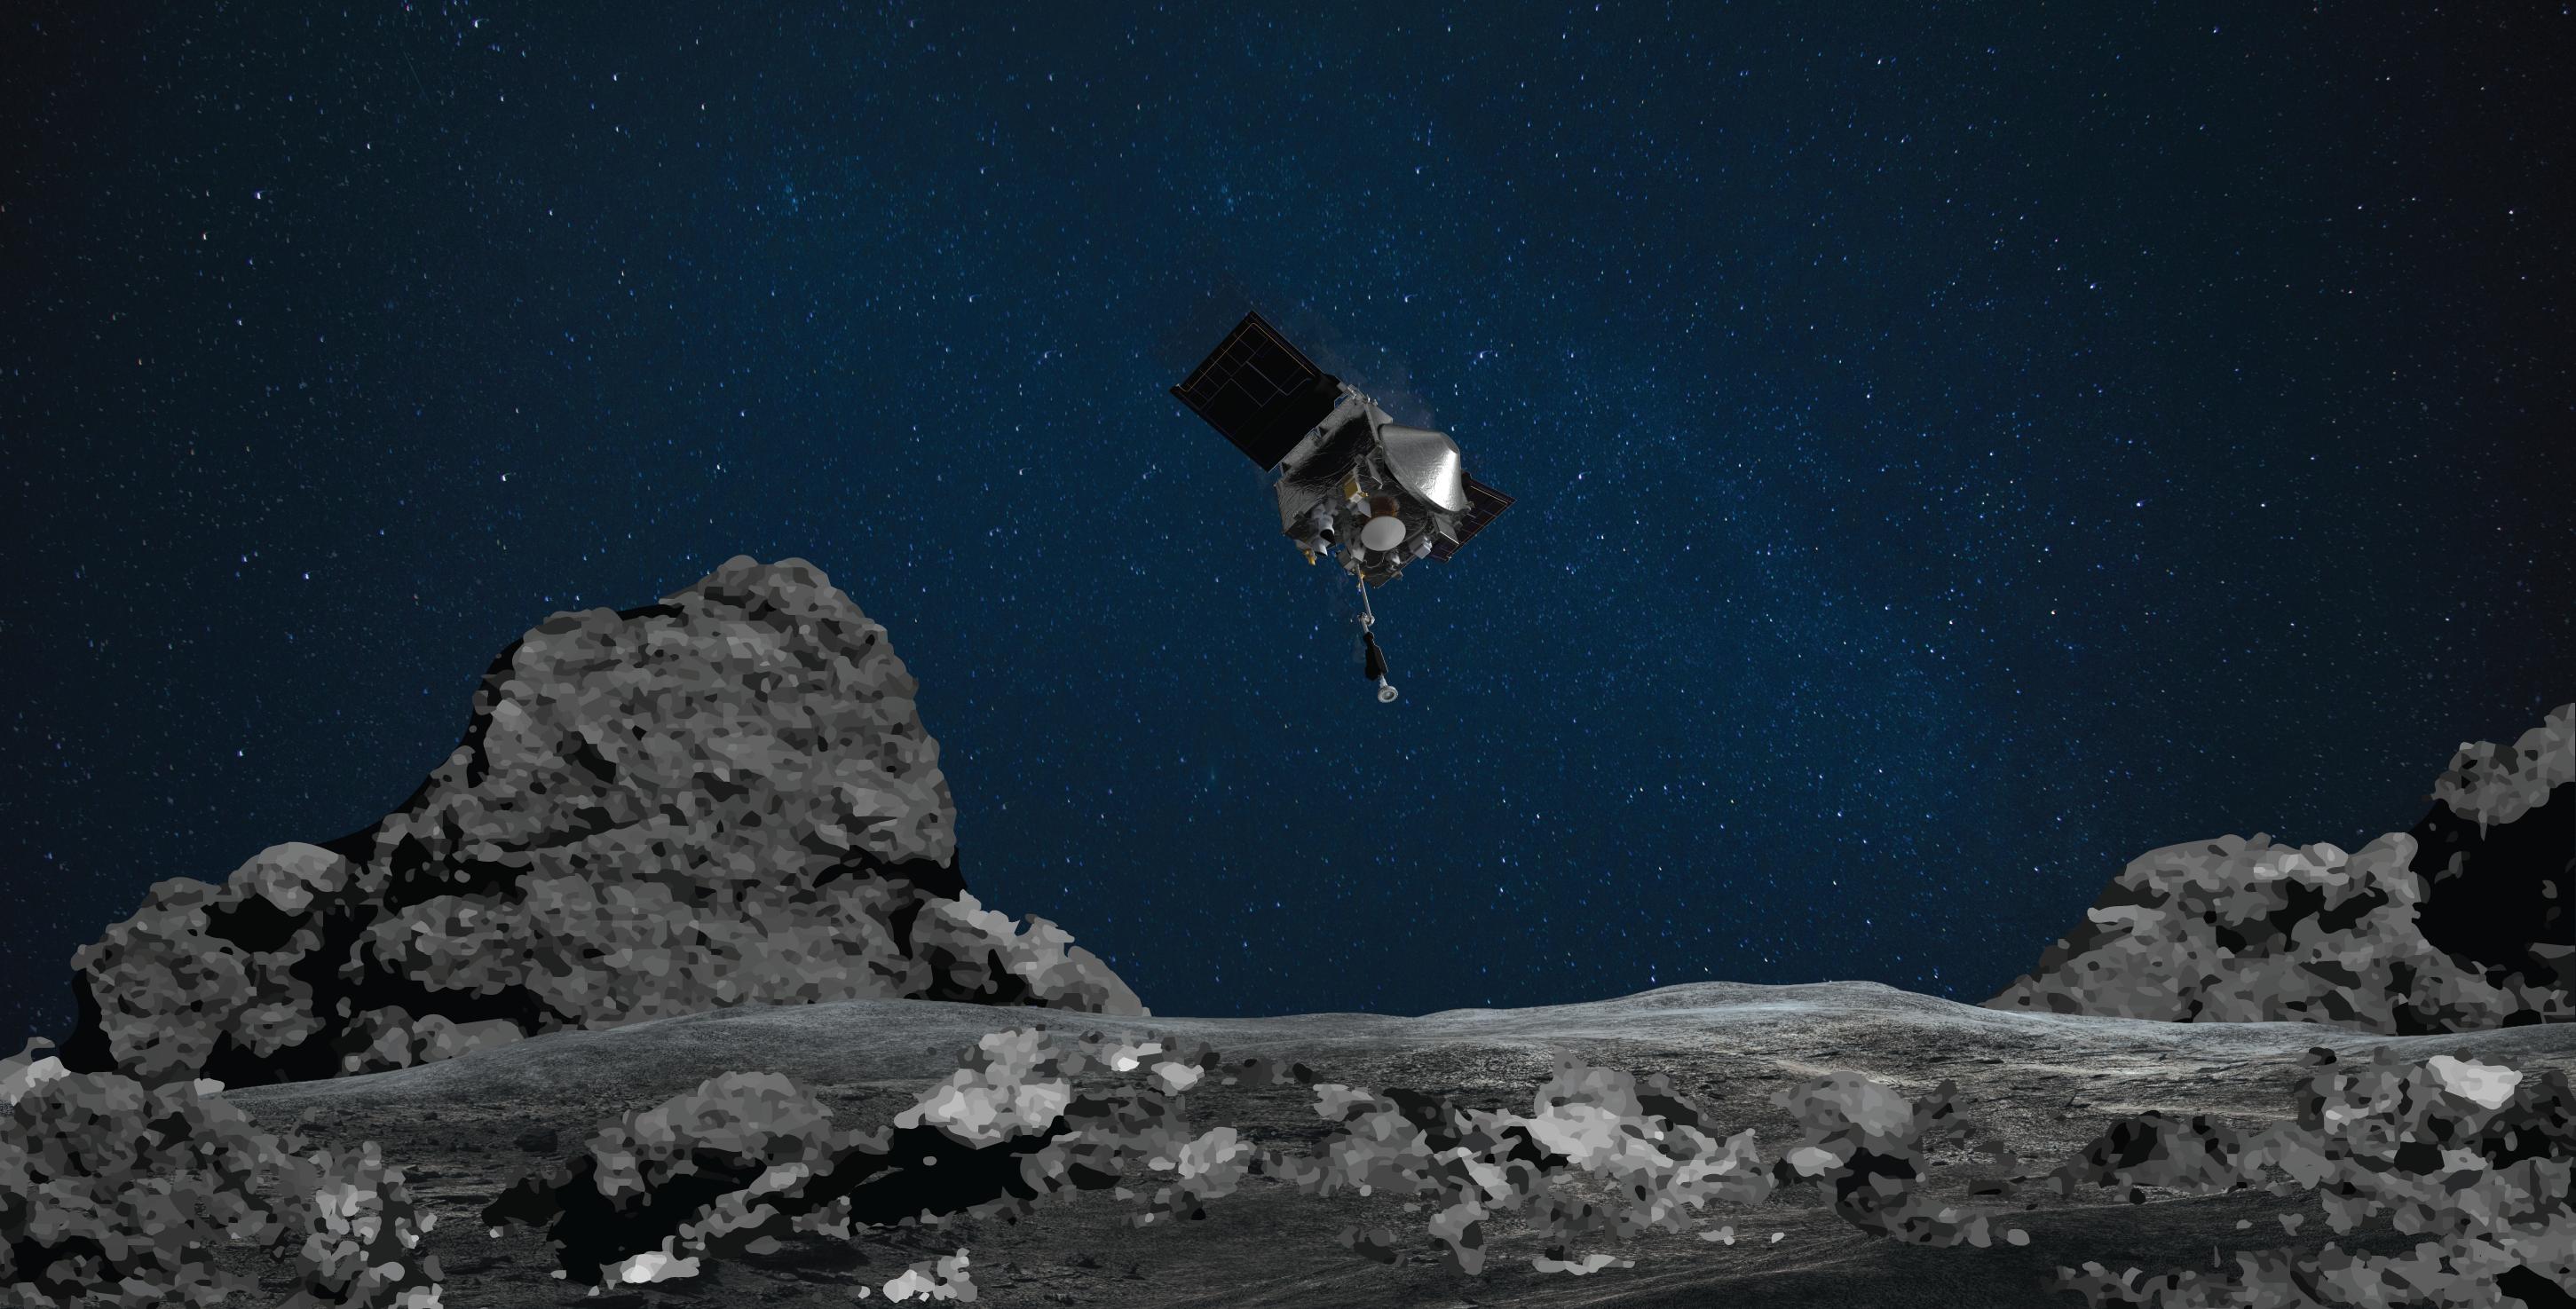 Obrázek: Další úspěch NASA: Sonda OSIRIS-REx úspěšně sesbírala materiál zasteroidu